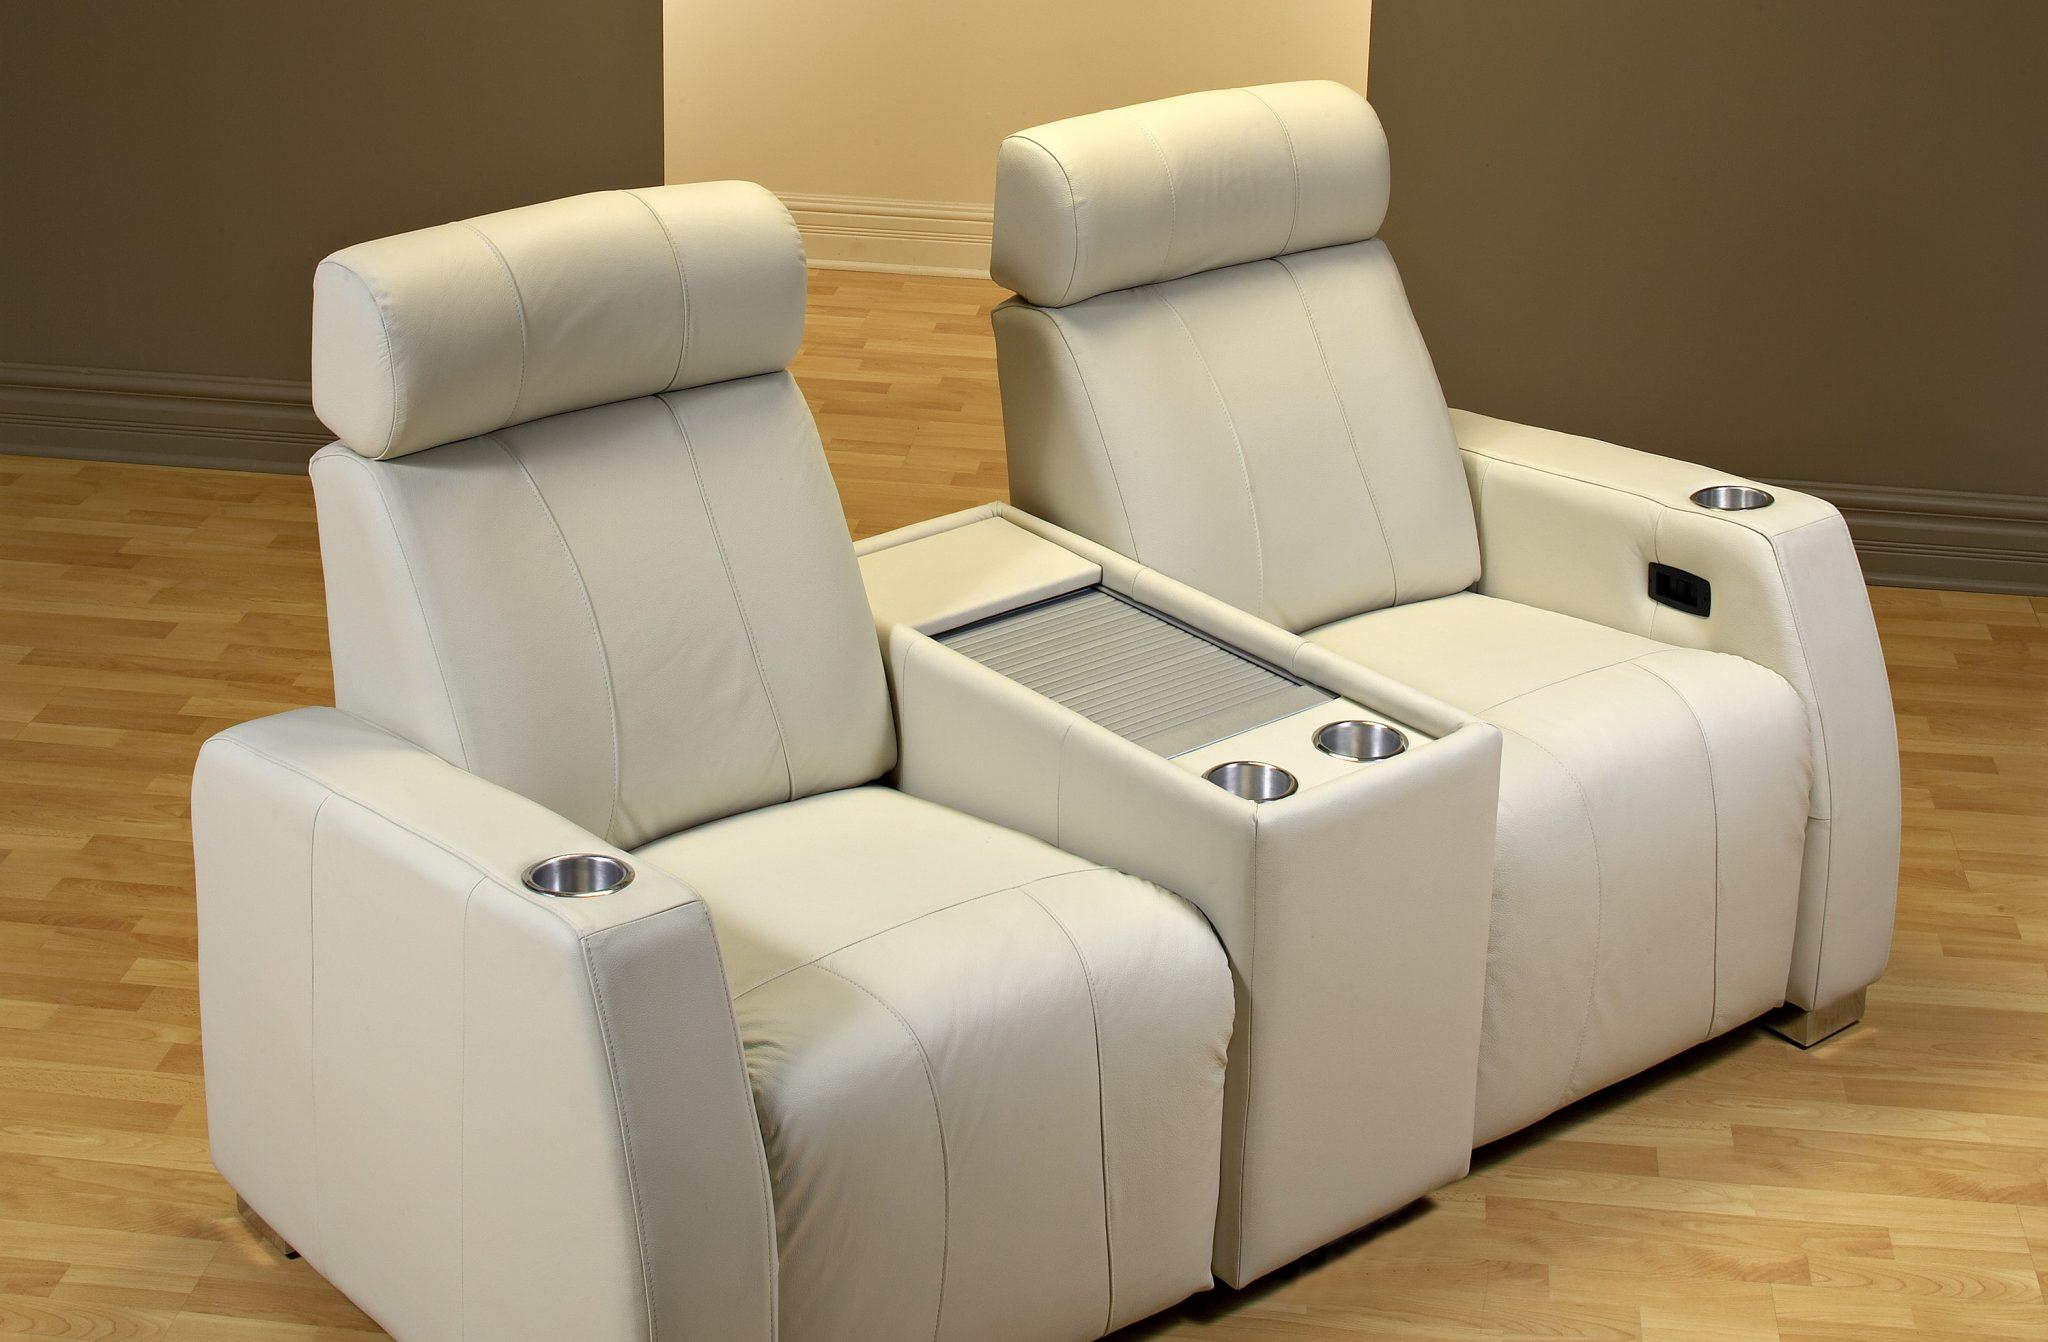 fauteuils cin ma maison jaymar 57334 qu bec acoustique canada. Black Bedroom Furniture Sets. Home Design Ideas